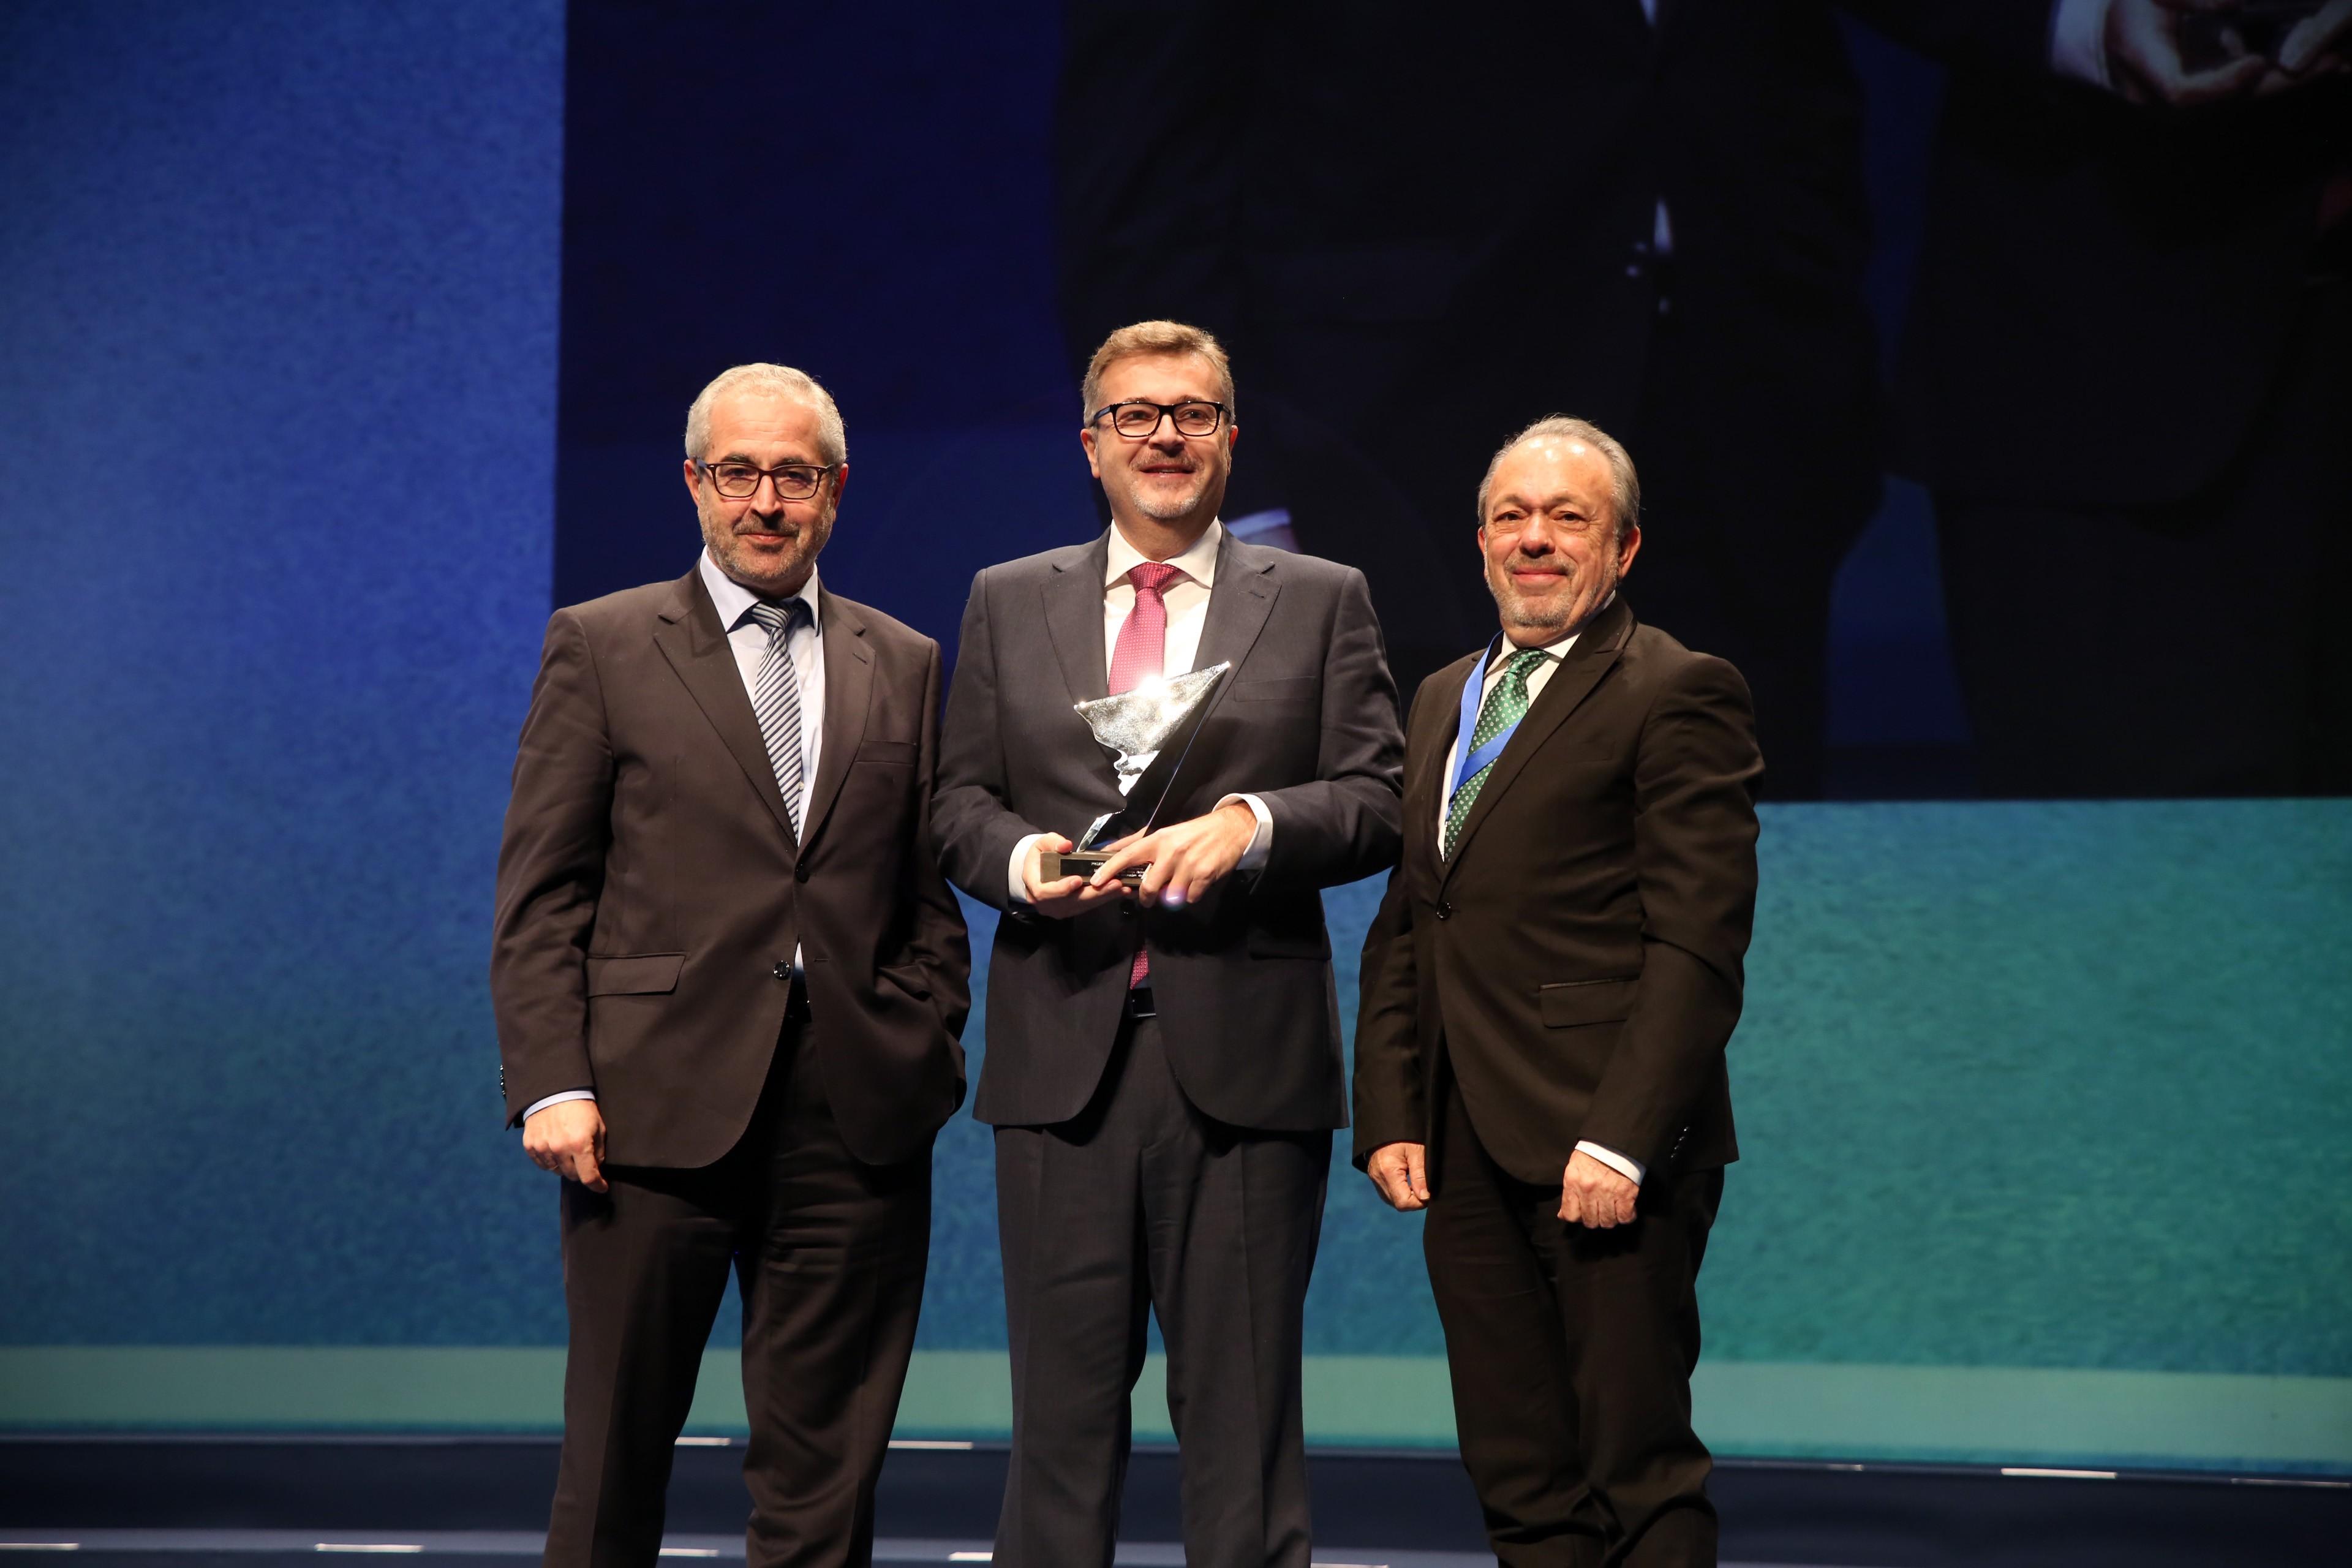 El director del Balneario de Ariño, Pedro Villanueva, recogiendo el premio de ADEA a mejor directivo de Teruel